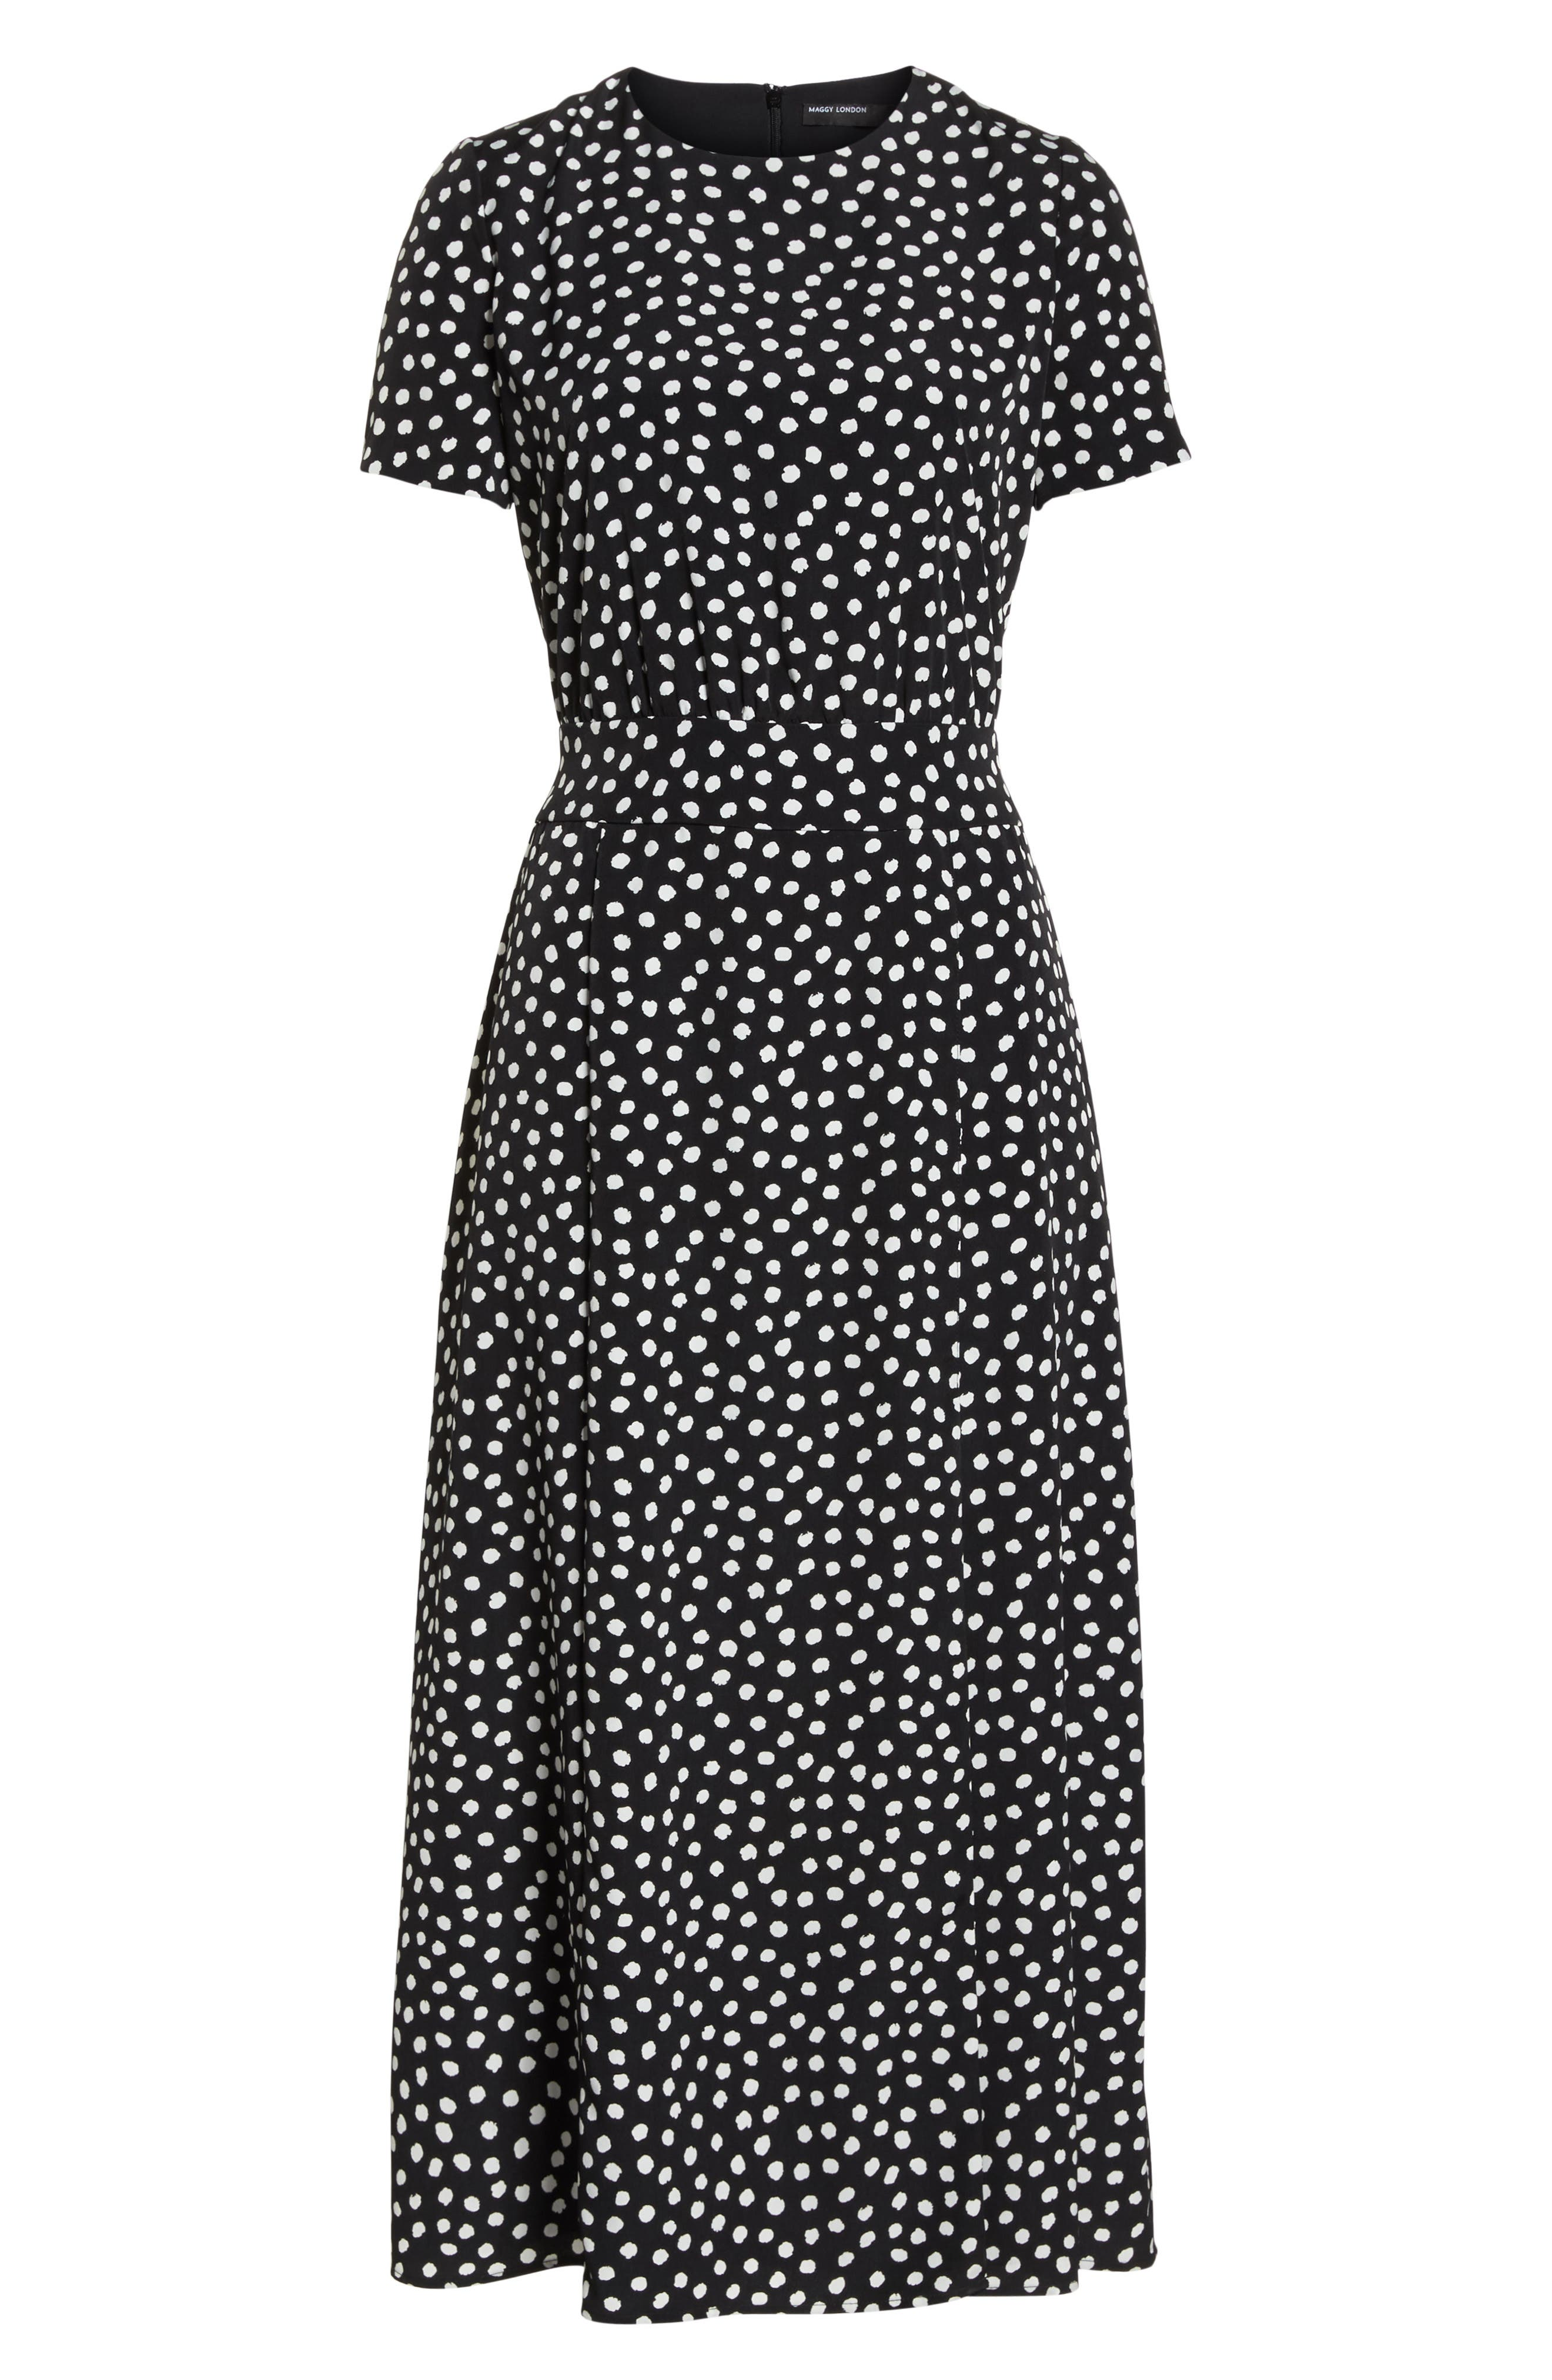 Print Midi Dress,                             Alternate thumbnail 7, color,                             Black/ Soft White